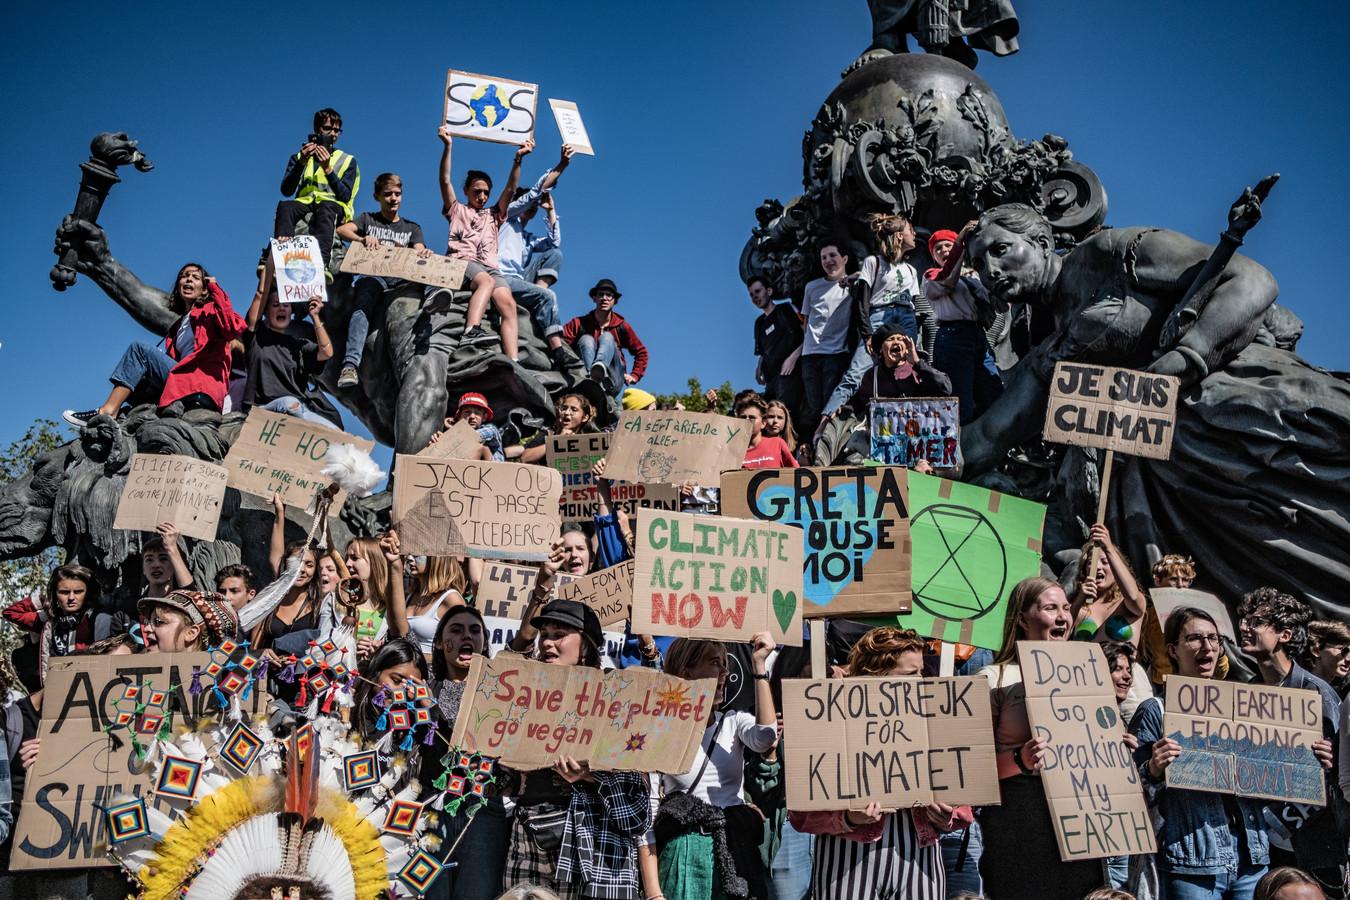 Duizenden studenten en demonstranten stroomden vandaag door de straten van Parijs om deel te nemen aan de Global Strike Day om te protesteren tegen de wereldwijde klimaatverandering.